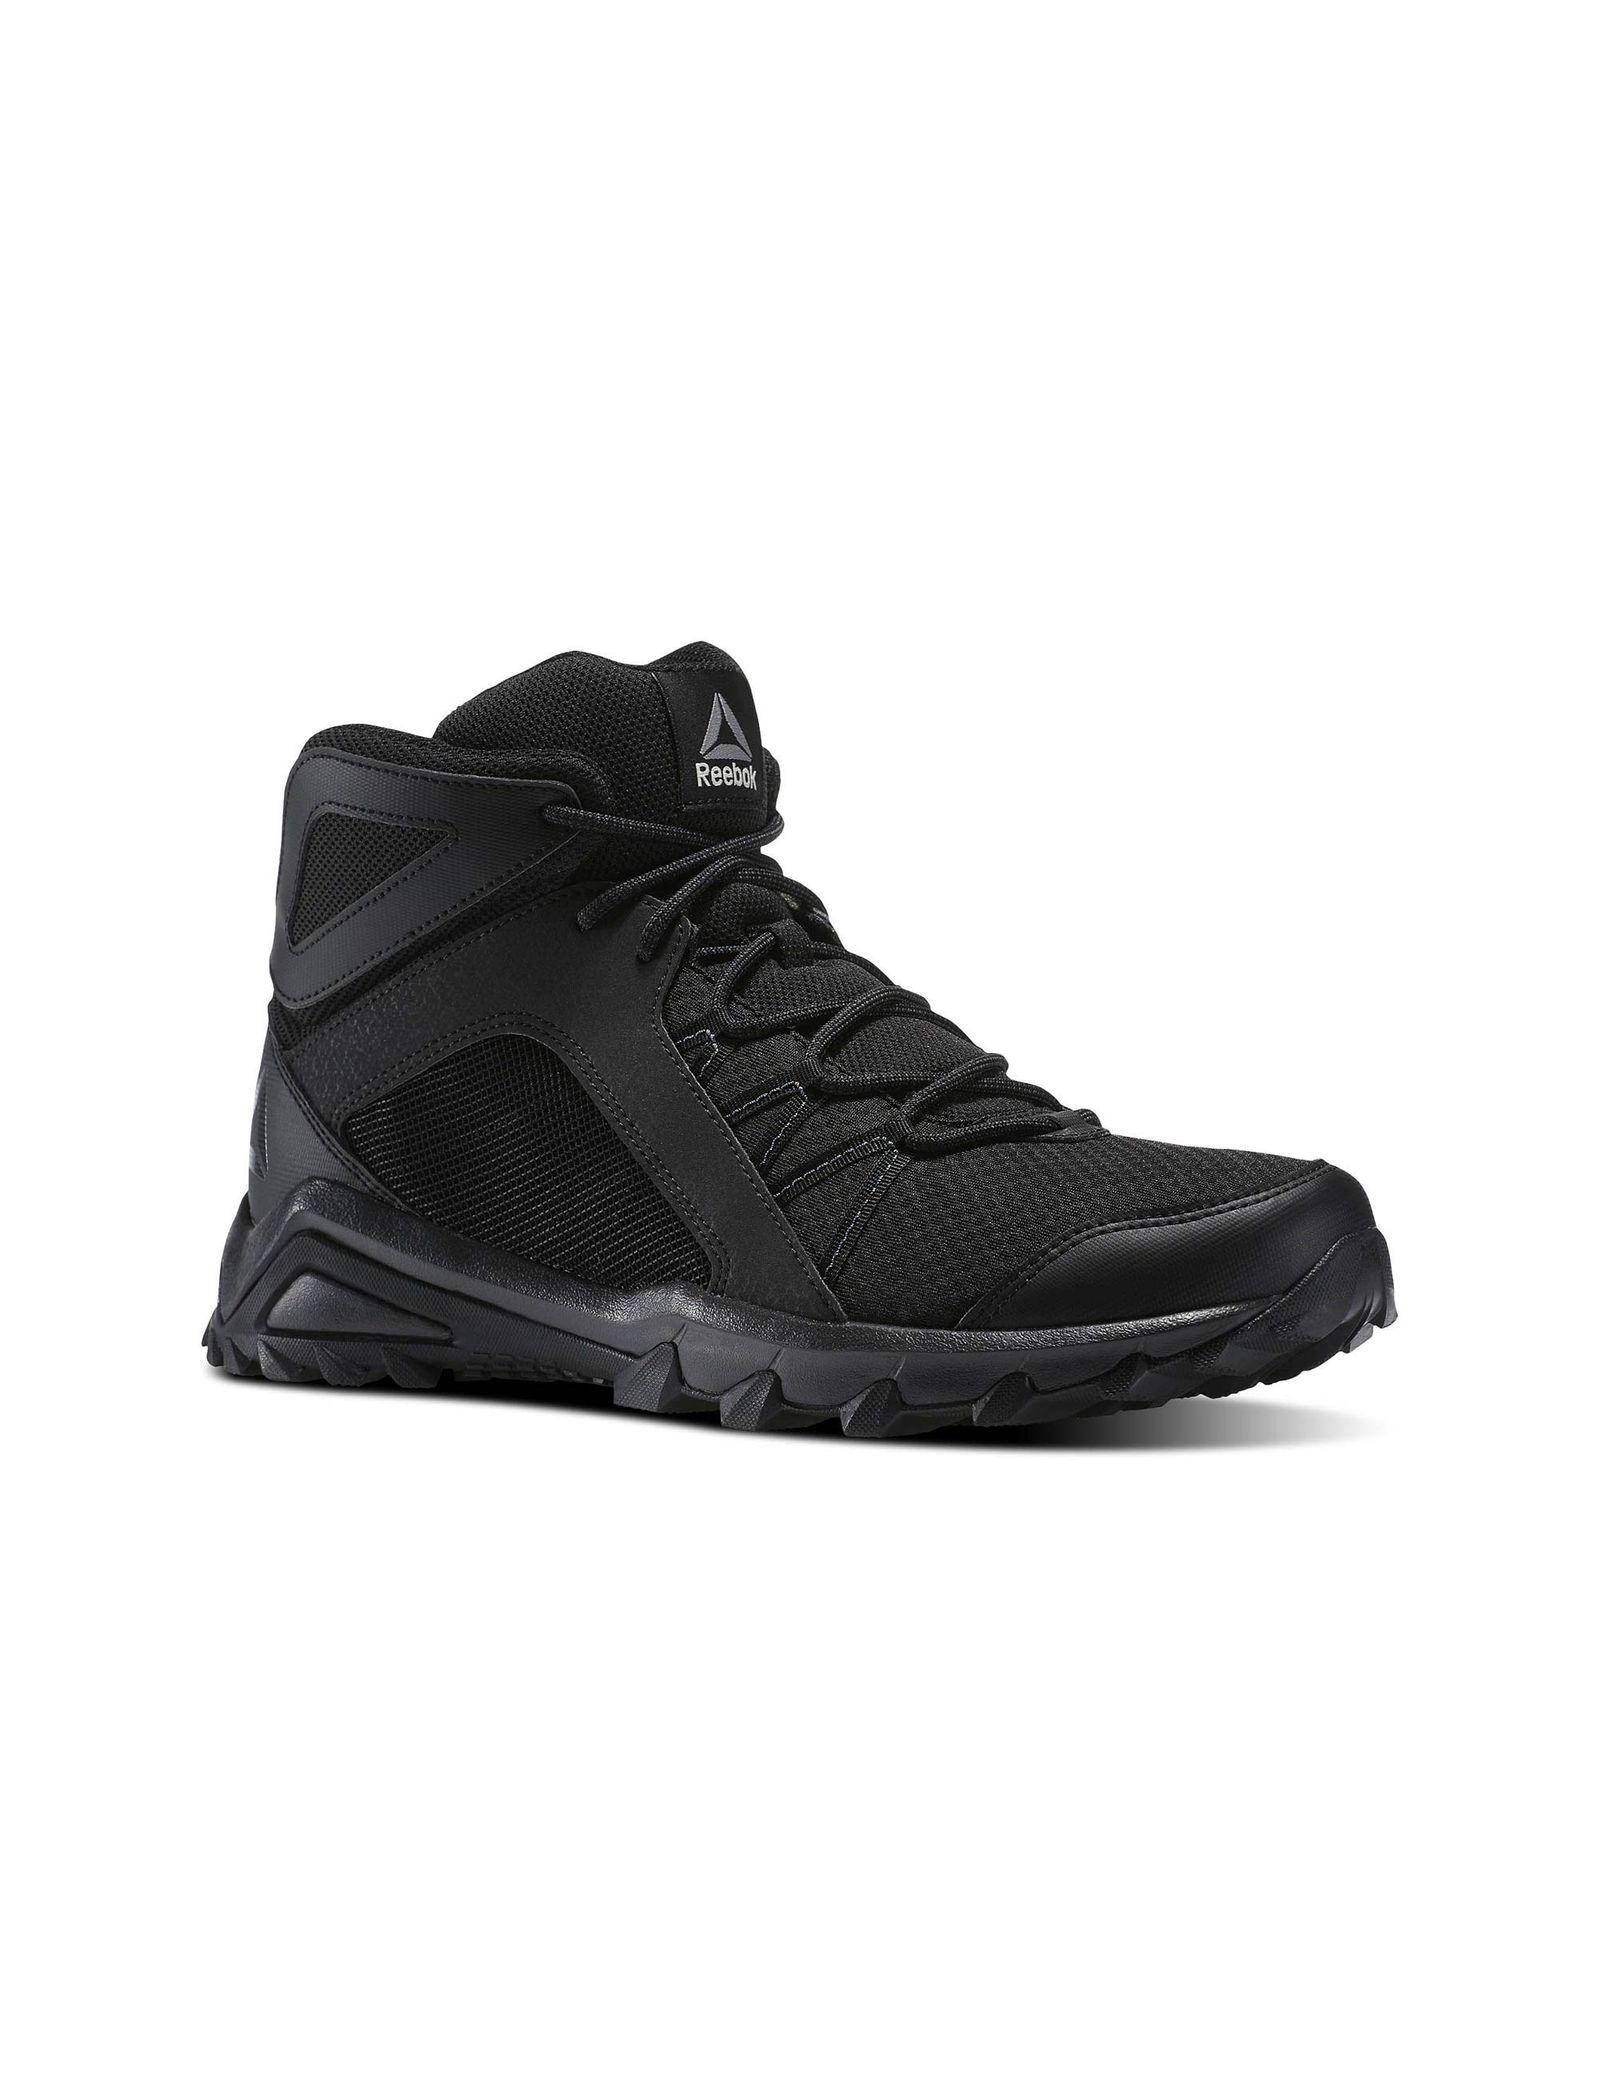 کفش طبیعت گردی بندی مردانه Trailgrip Mid 6-0 - ریباک - مشکي - 4